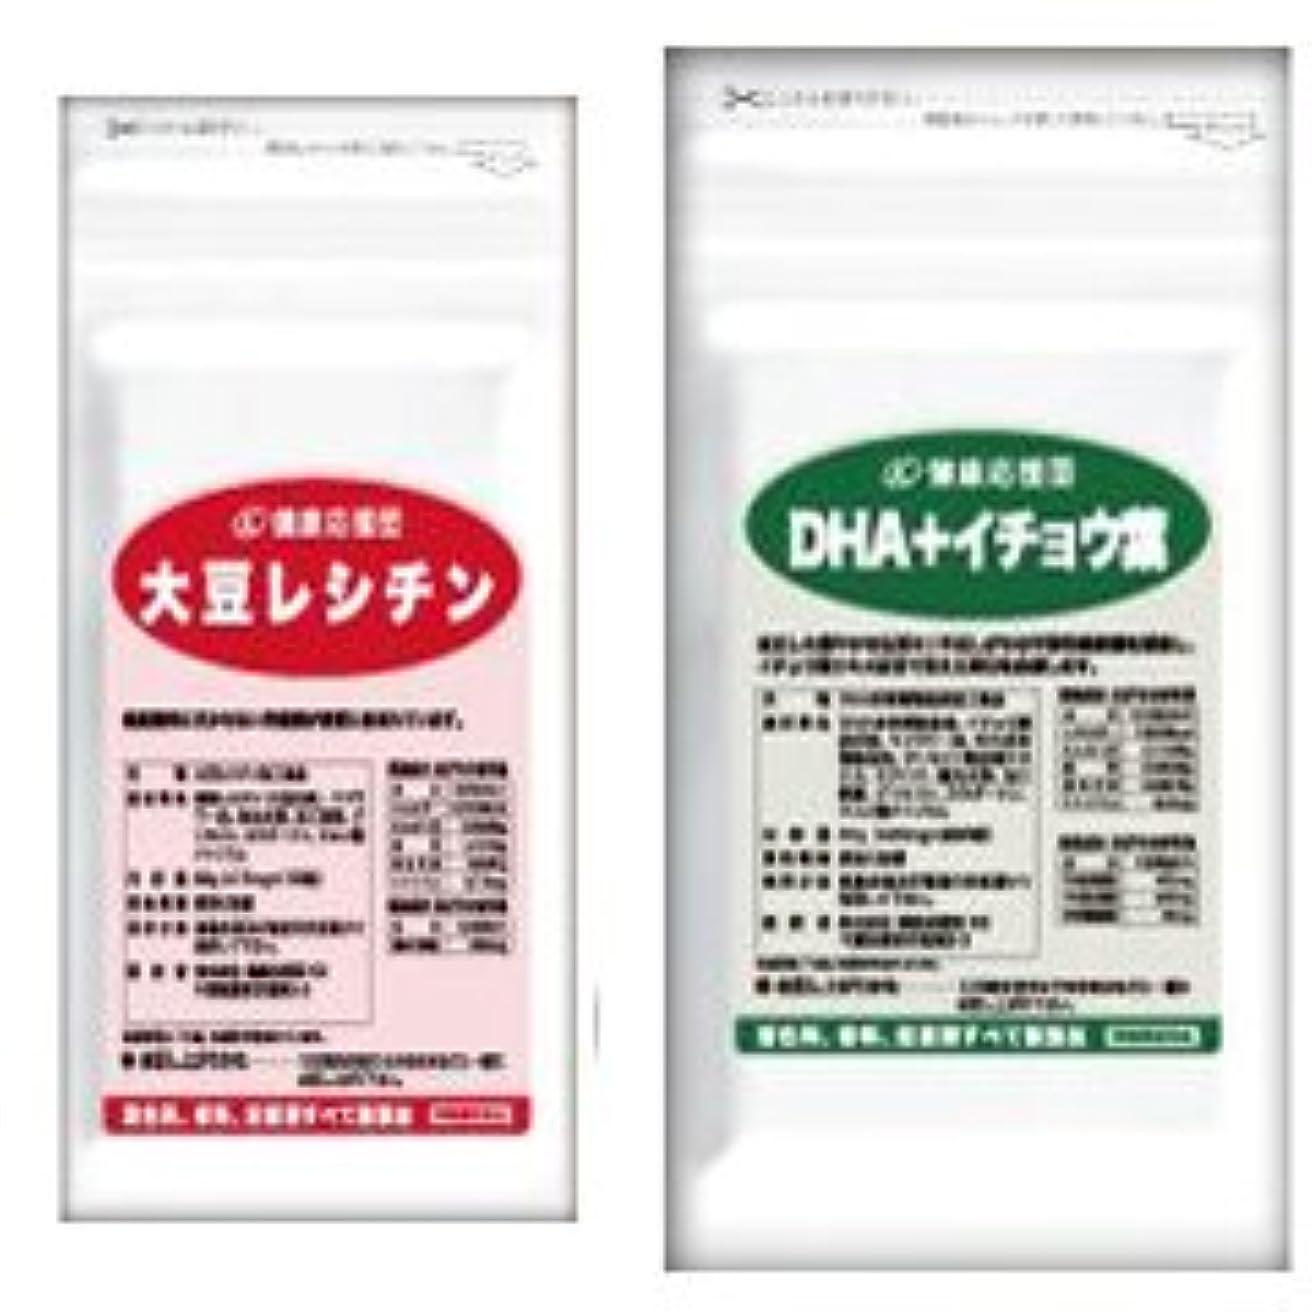 地中海出費肌寒い(お徳用3か月分)流れサラサラセット 大豆レシチン+(DHA+イチョウ葉)3袋&3袋セット(DHA?EPA?イチョウ葉)